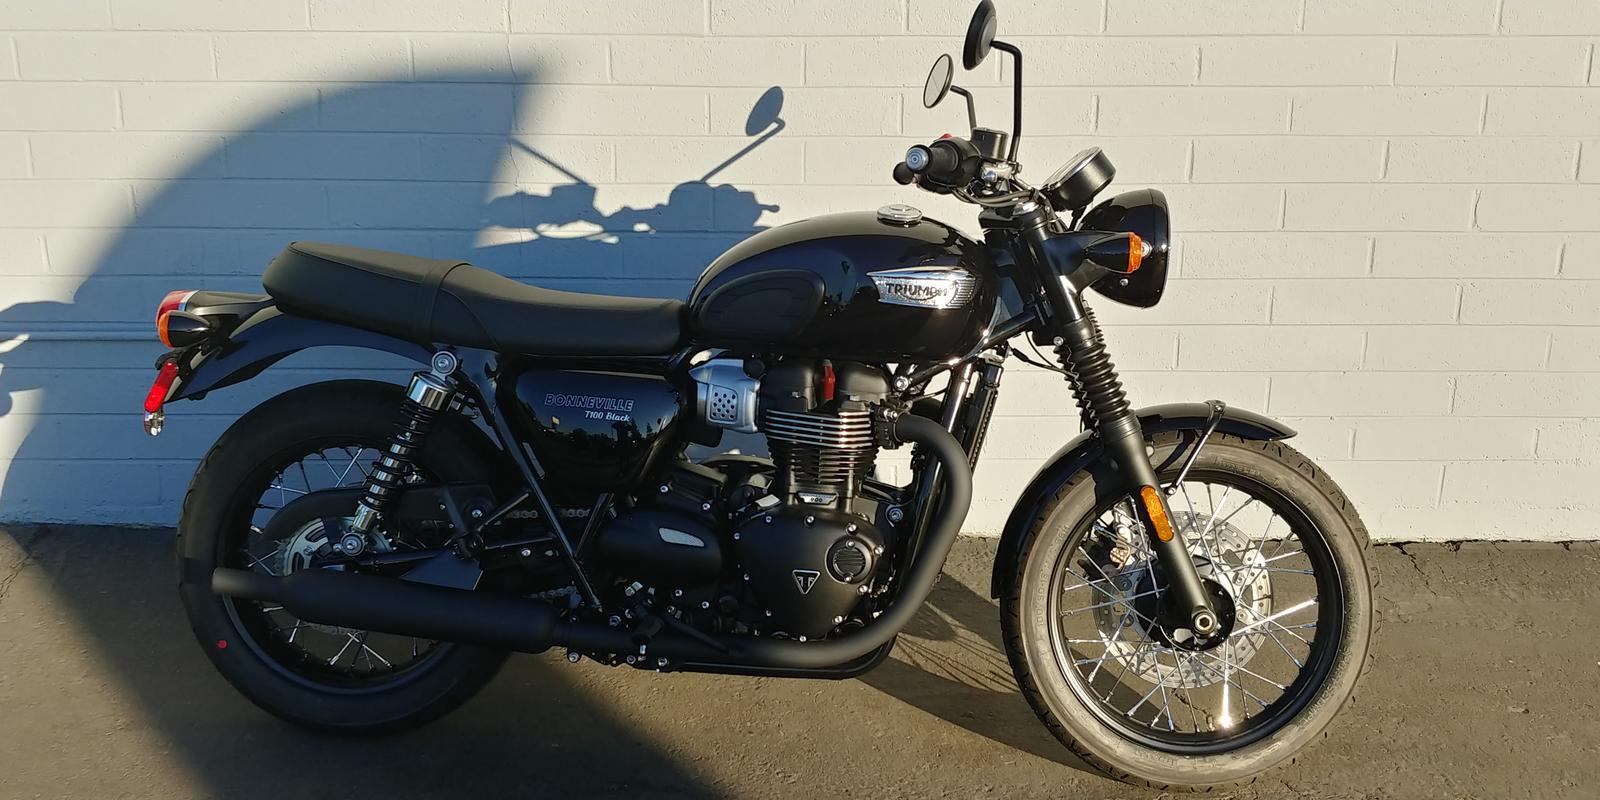 2019 Triumph Bonneville T100 Black 900 For Sale In Mesa Az Phoenix